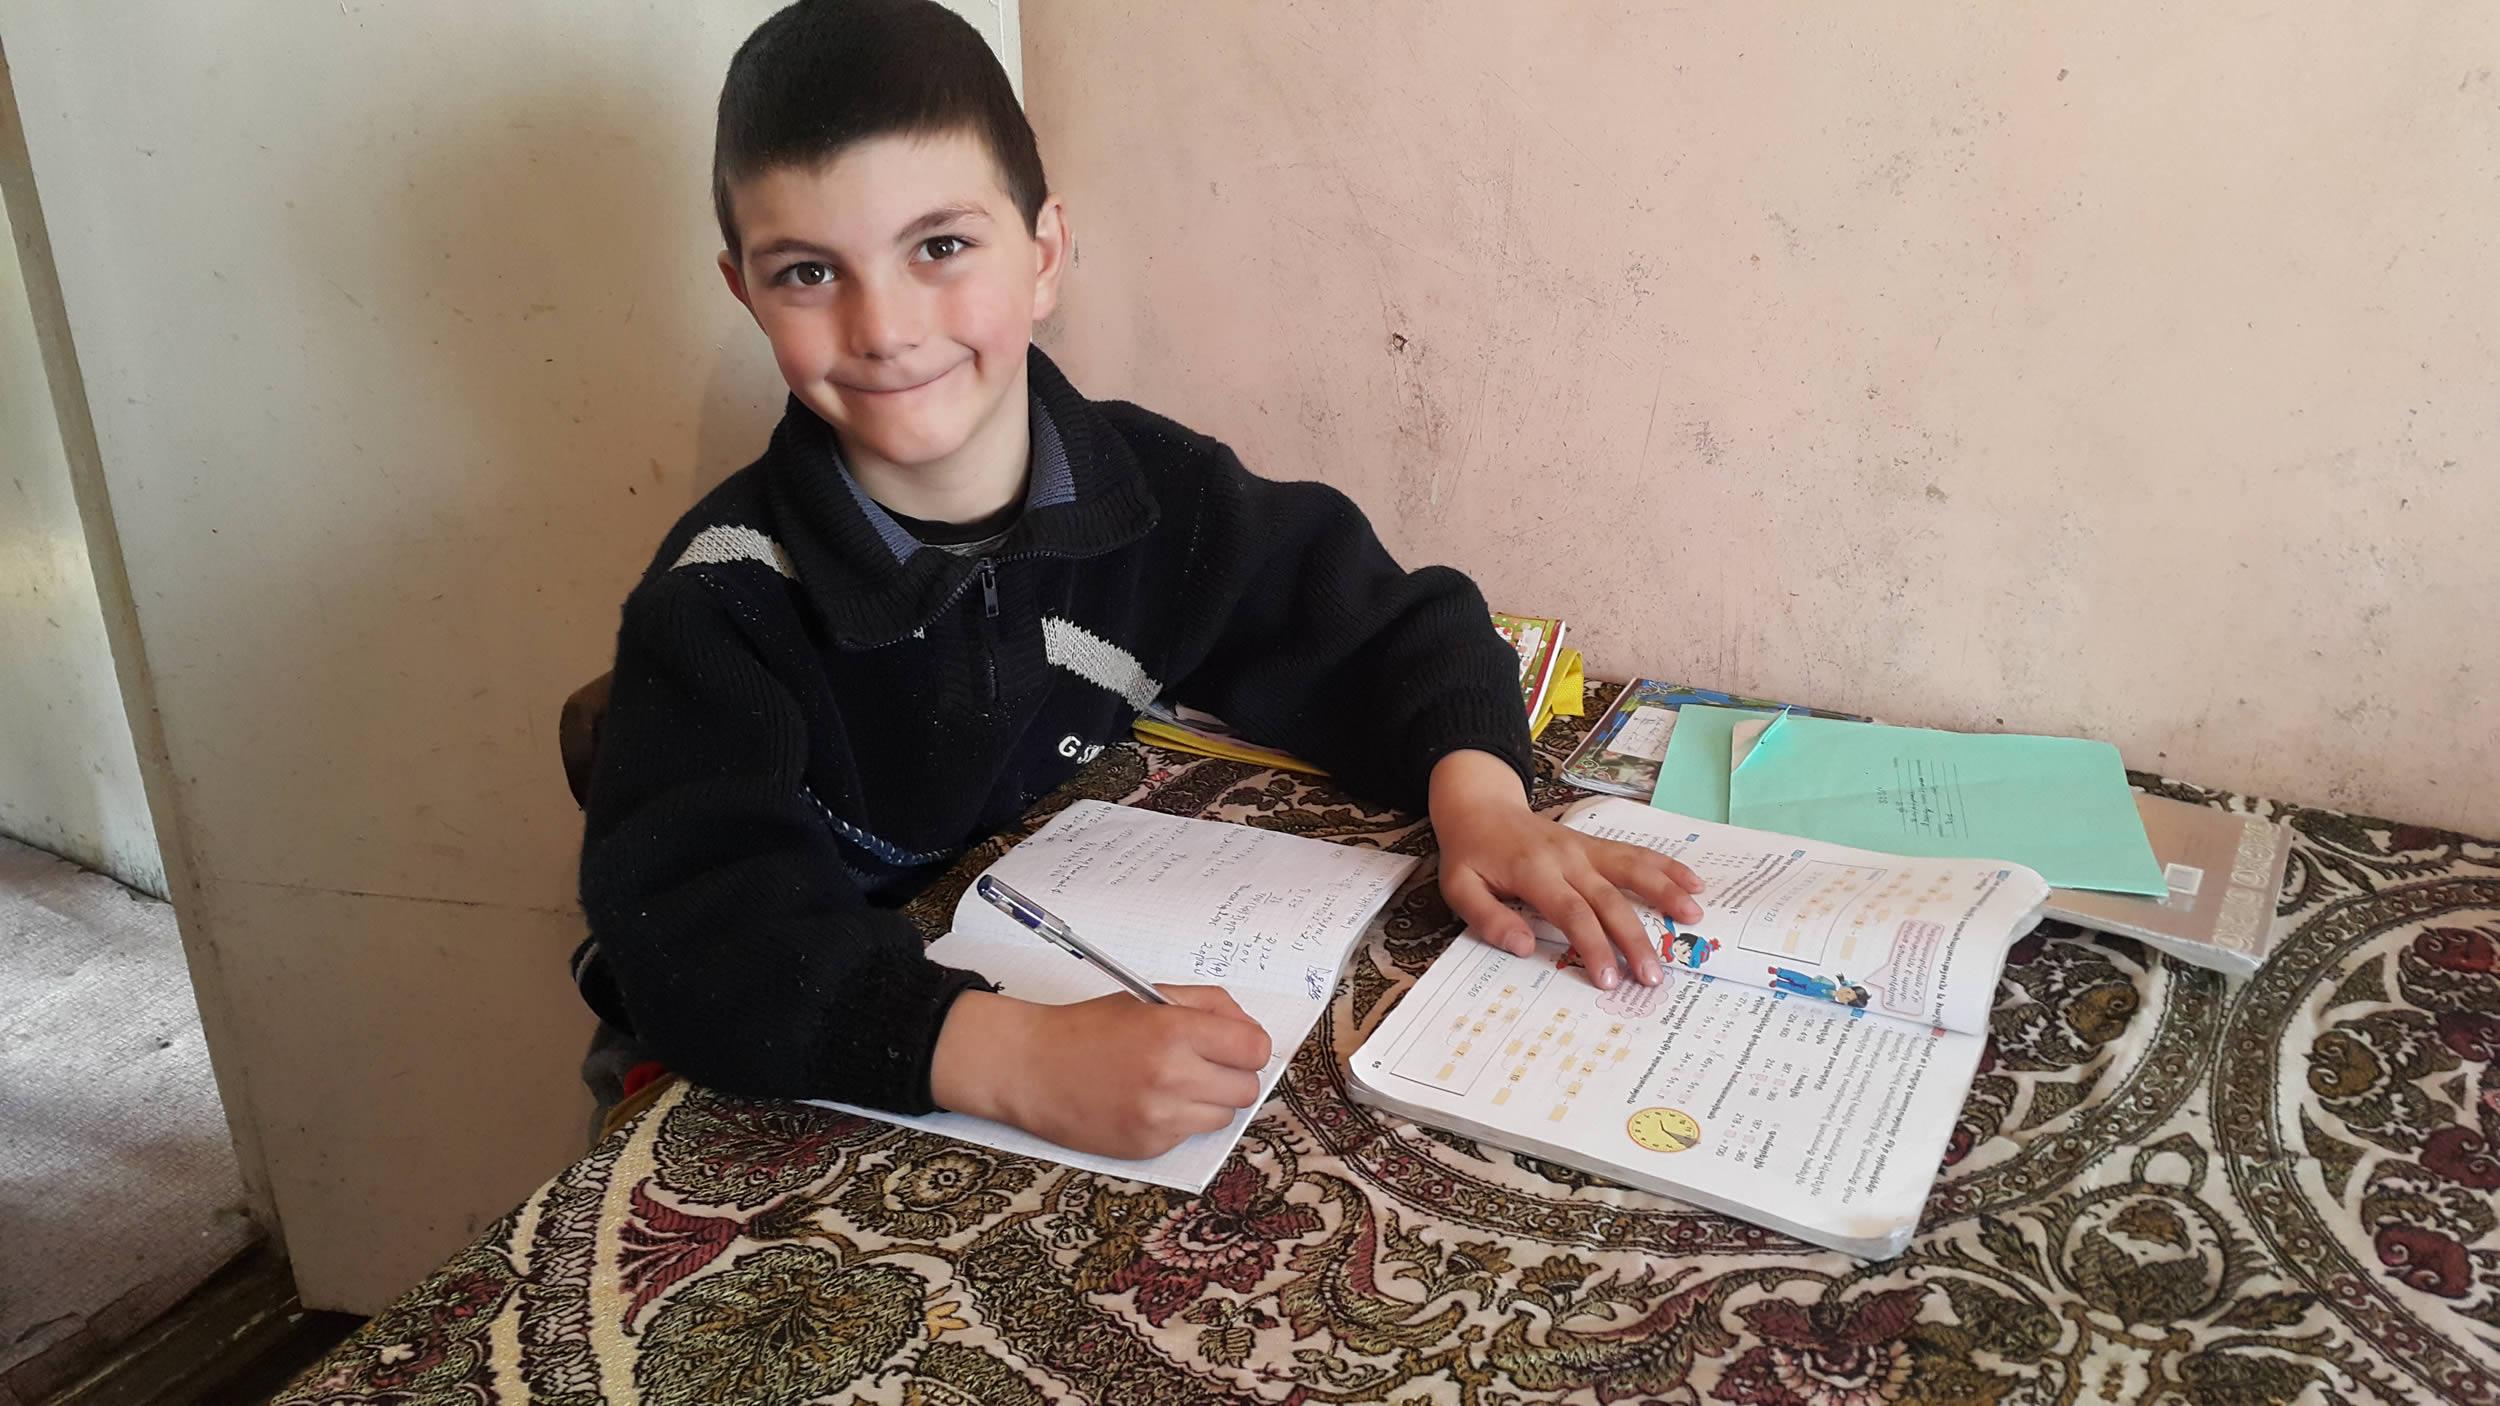 Vrezh doing school work